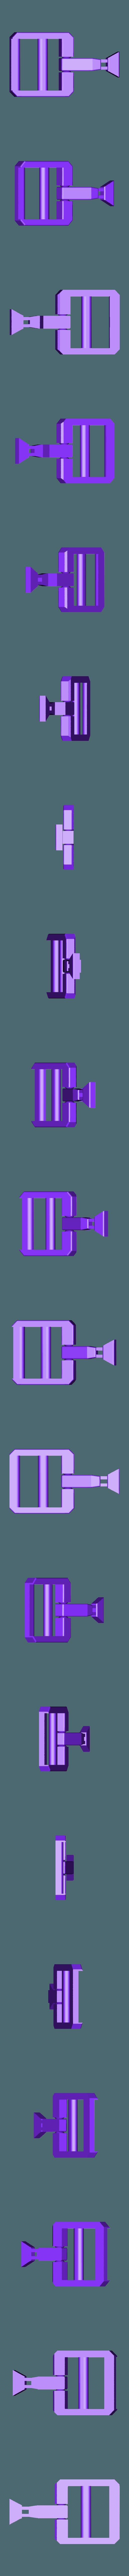 ez_belt_metal_drop_in.stl Télécharger fichier SCAD gratuit Boucle de la ceinture de la piscine morte Pièces de couleur séparée • Modèle pour imprimante 3D, dantu